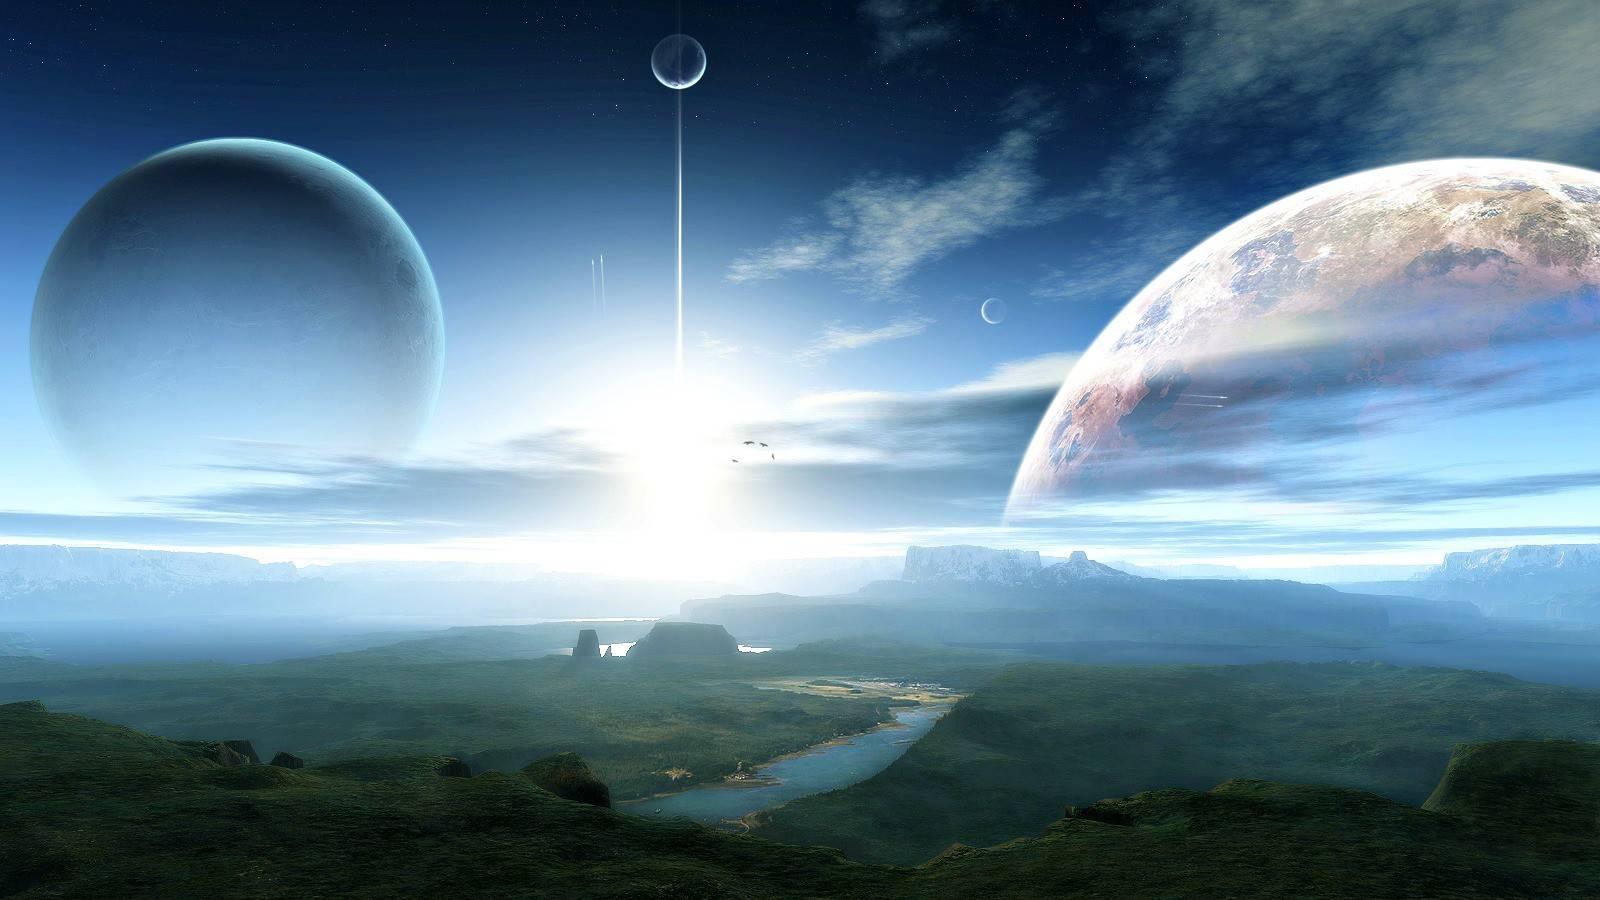 известный фото других планет где может быть жизнь получения документа